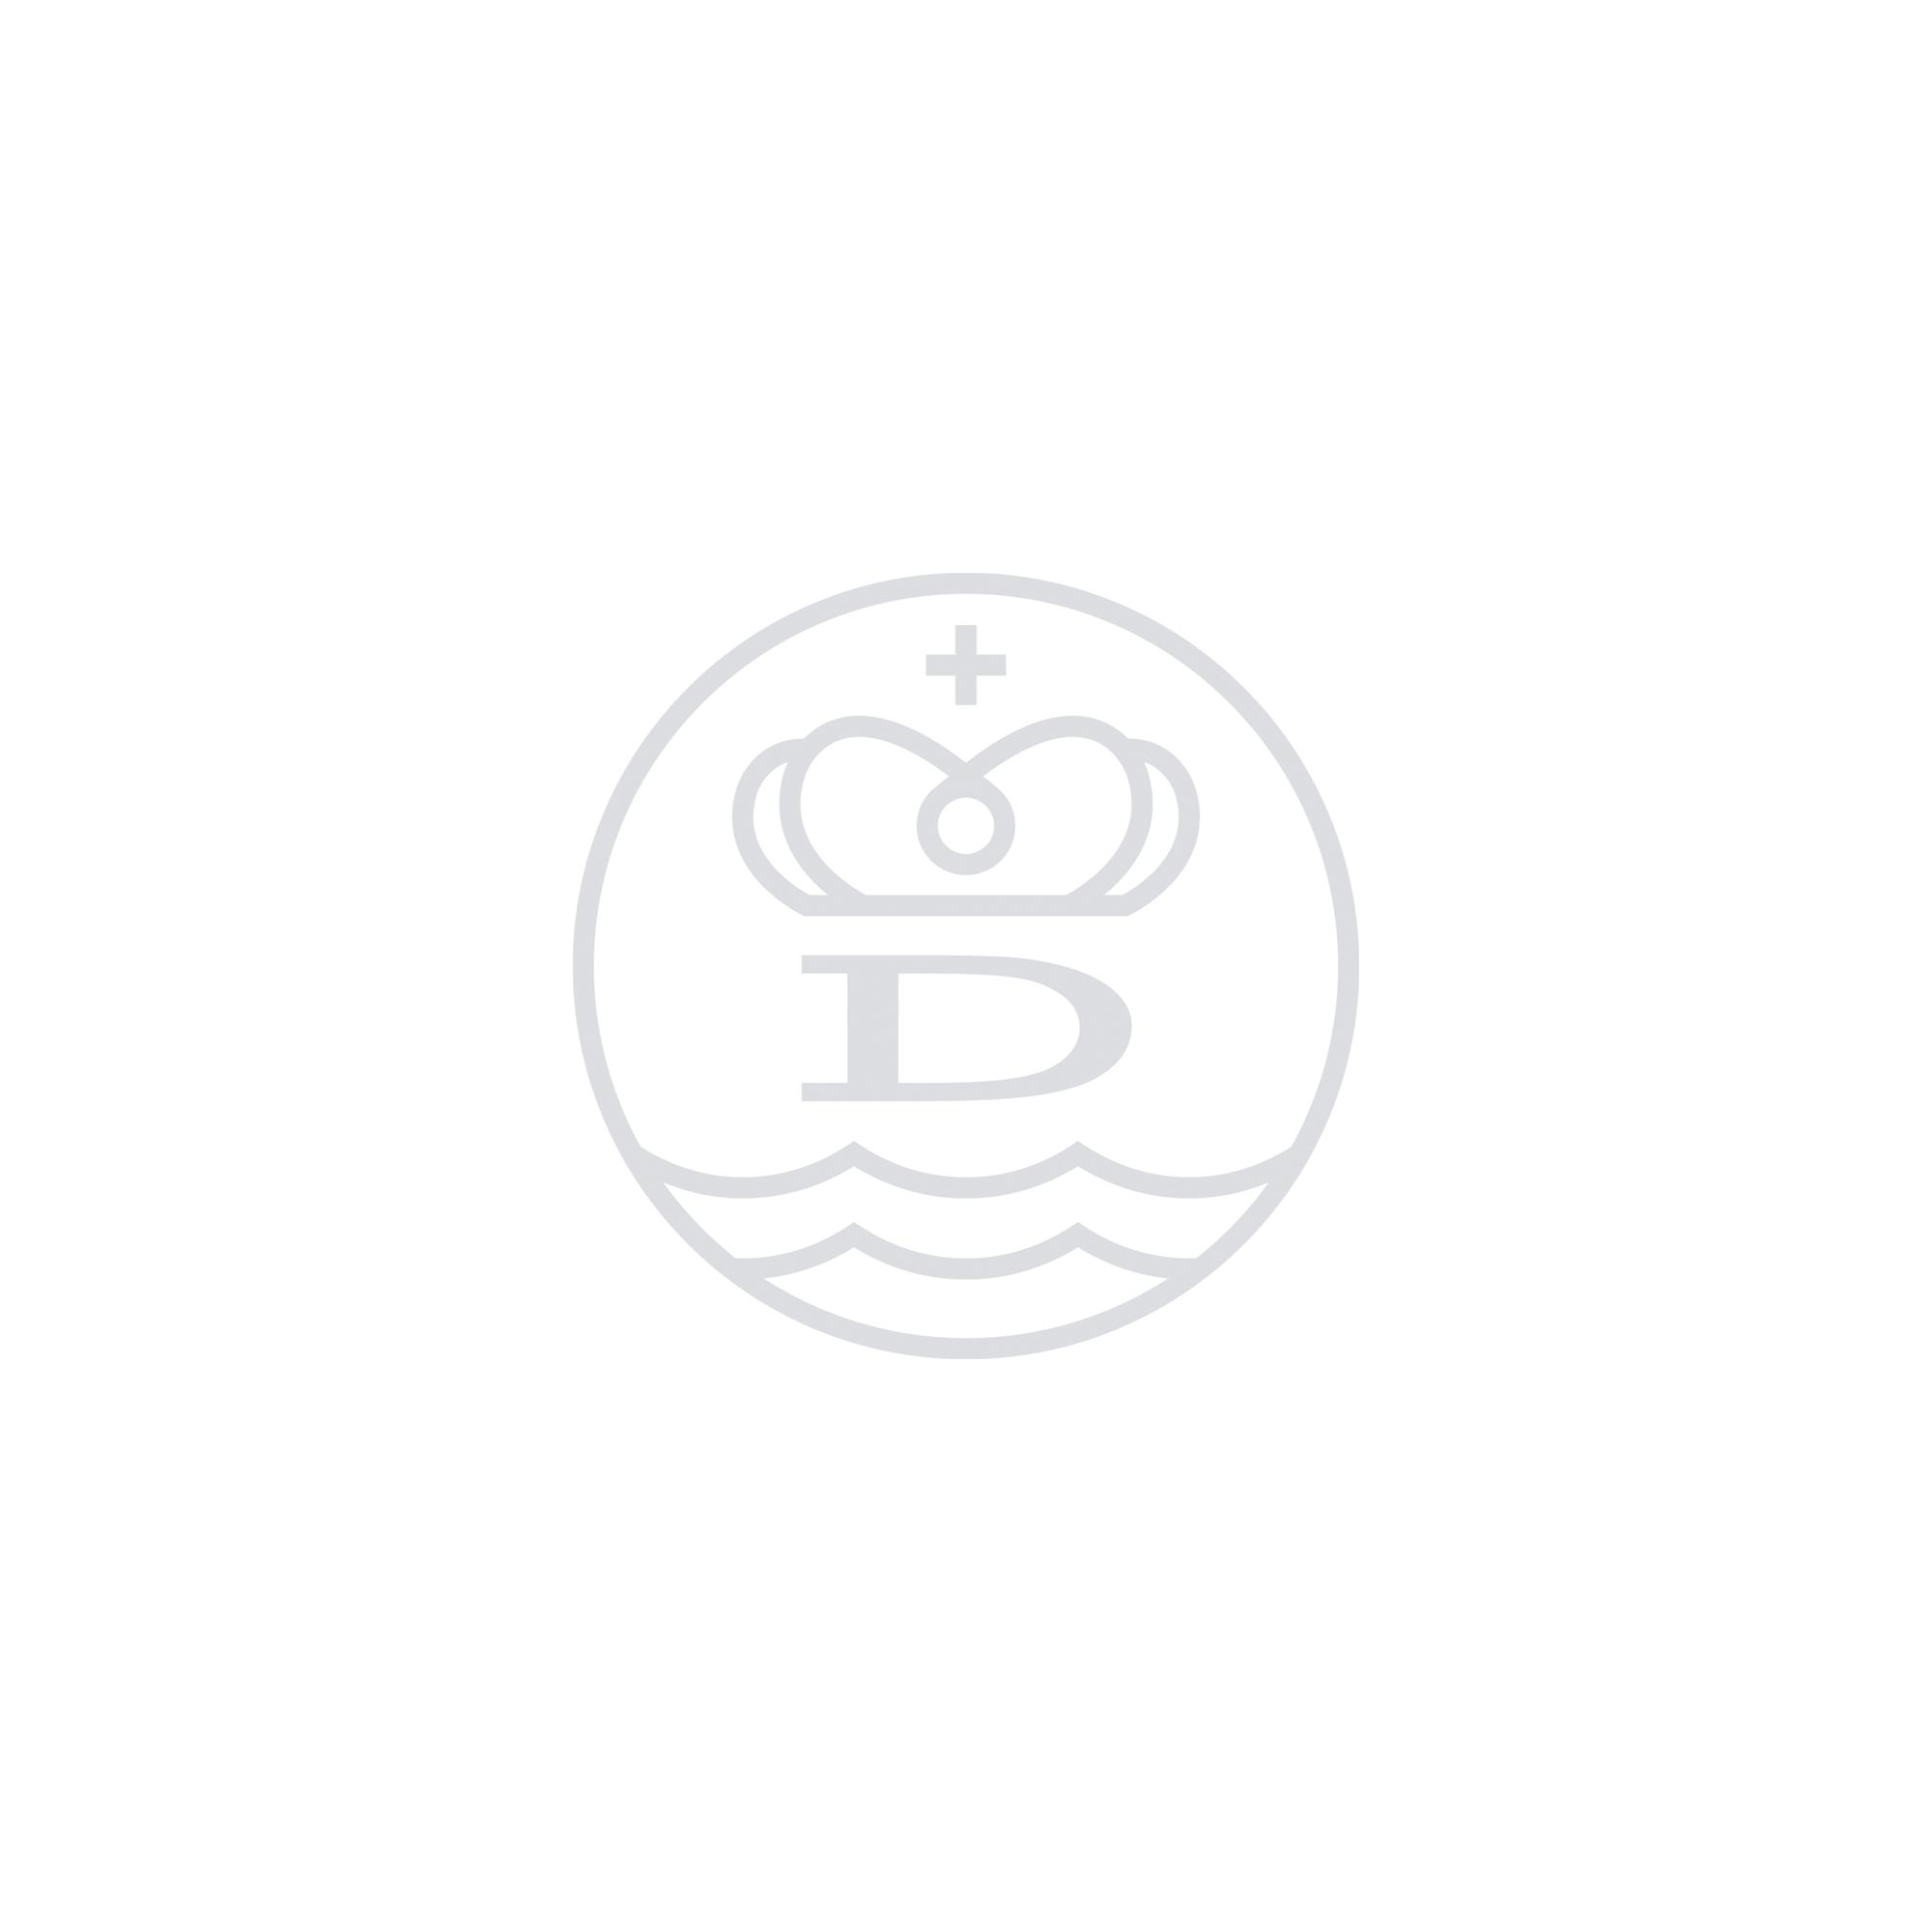 Silver Cabochon Aquamarine Baby Treasure Ring detailed